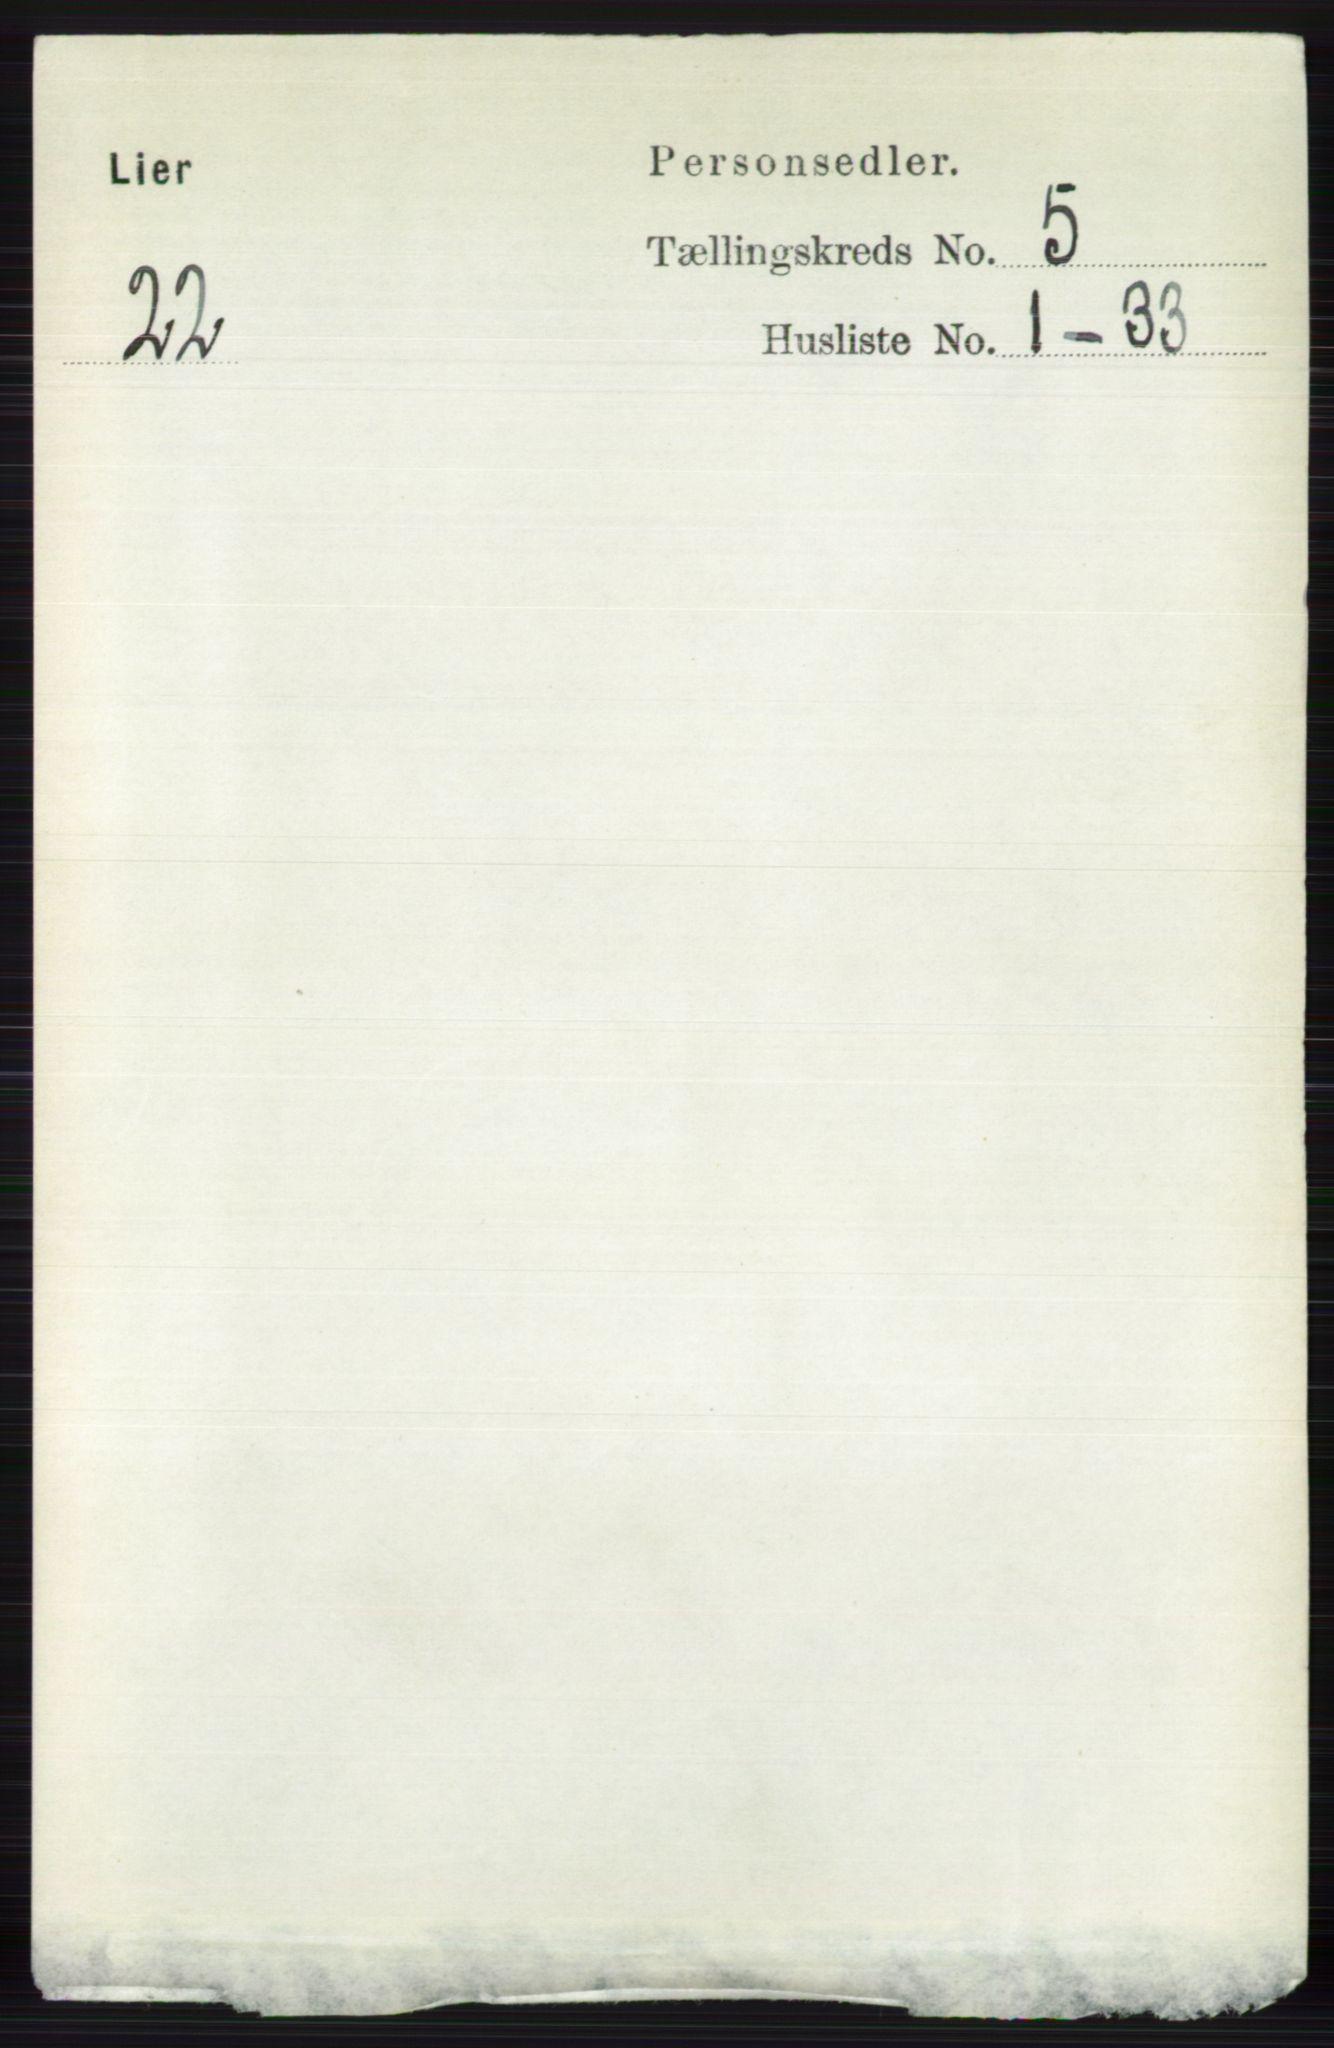 RA, Folketelling 1891 for 0626 Lier herred, 1891, s. 3283